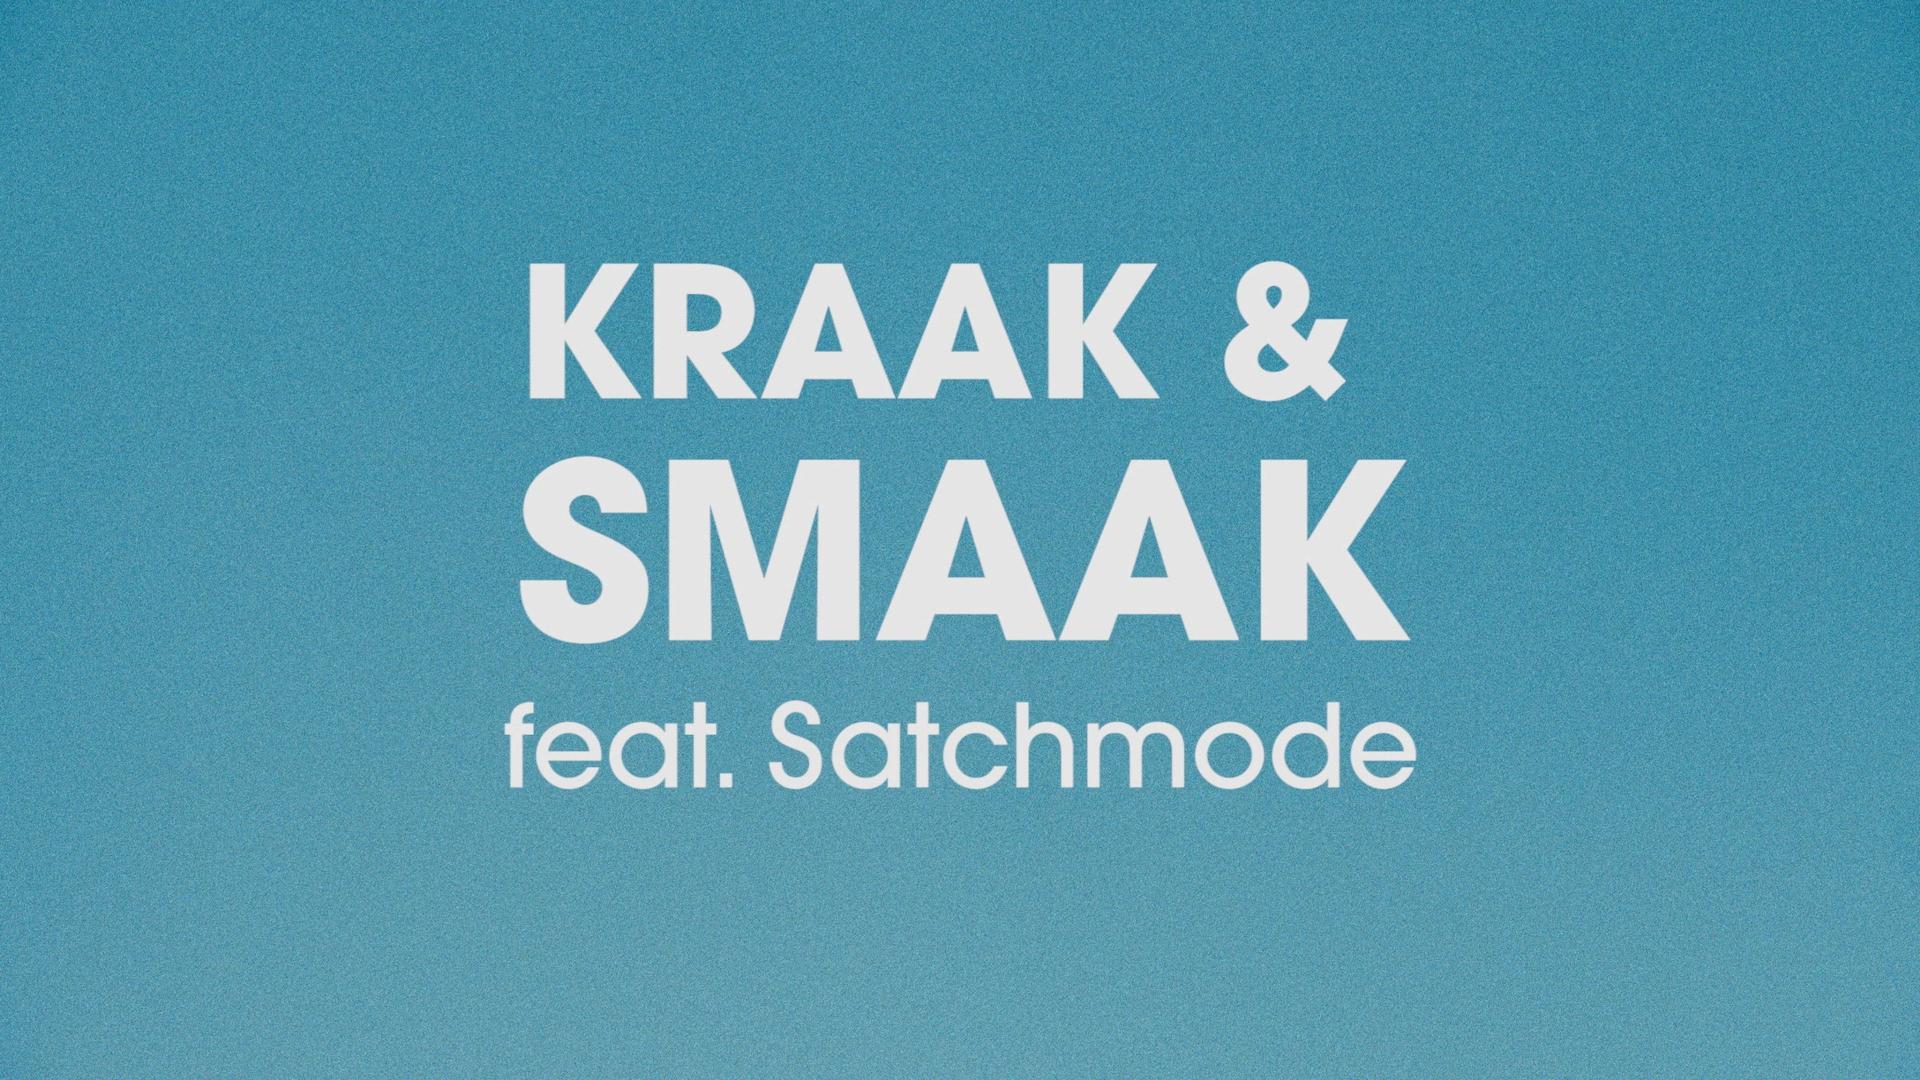 KraakSmaak_1.1.1